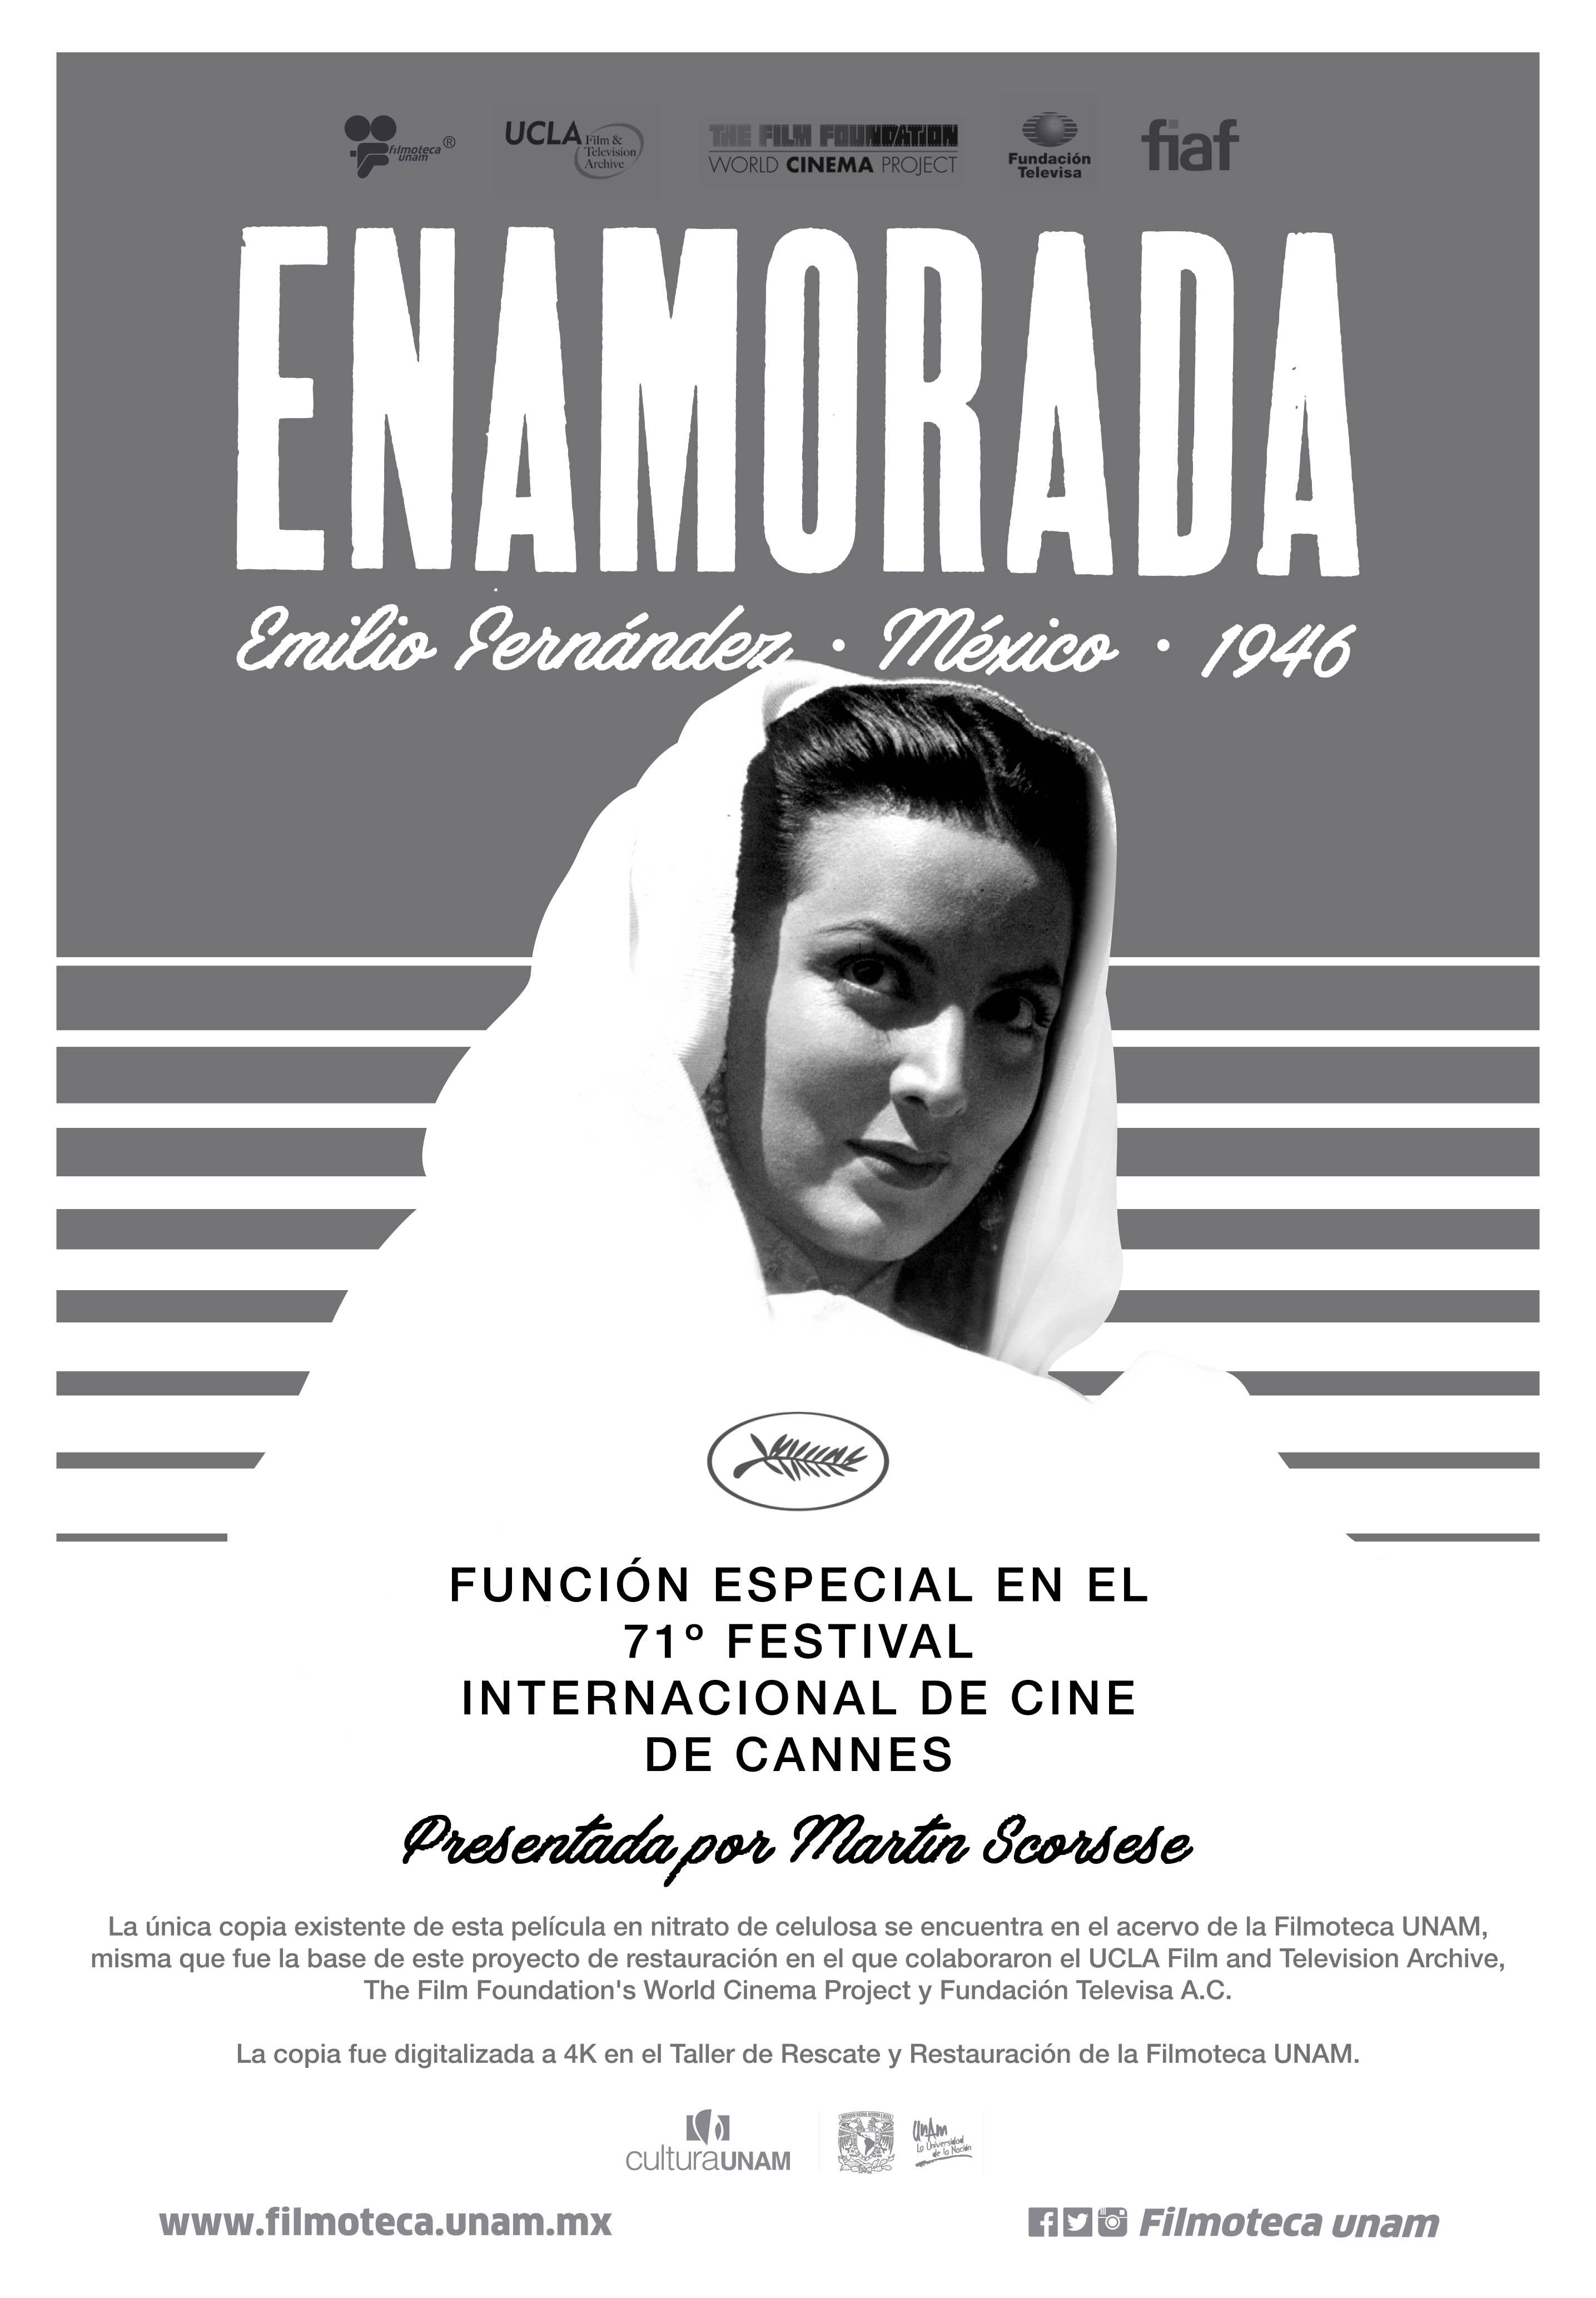 ENAMORADA, PELÍCULA RESTAURADA POR LA UNAM PARA EL FESTIVAL DE CANNES